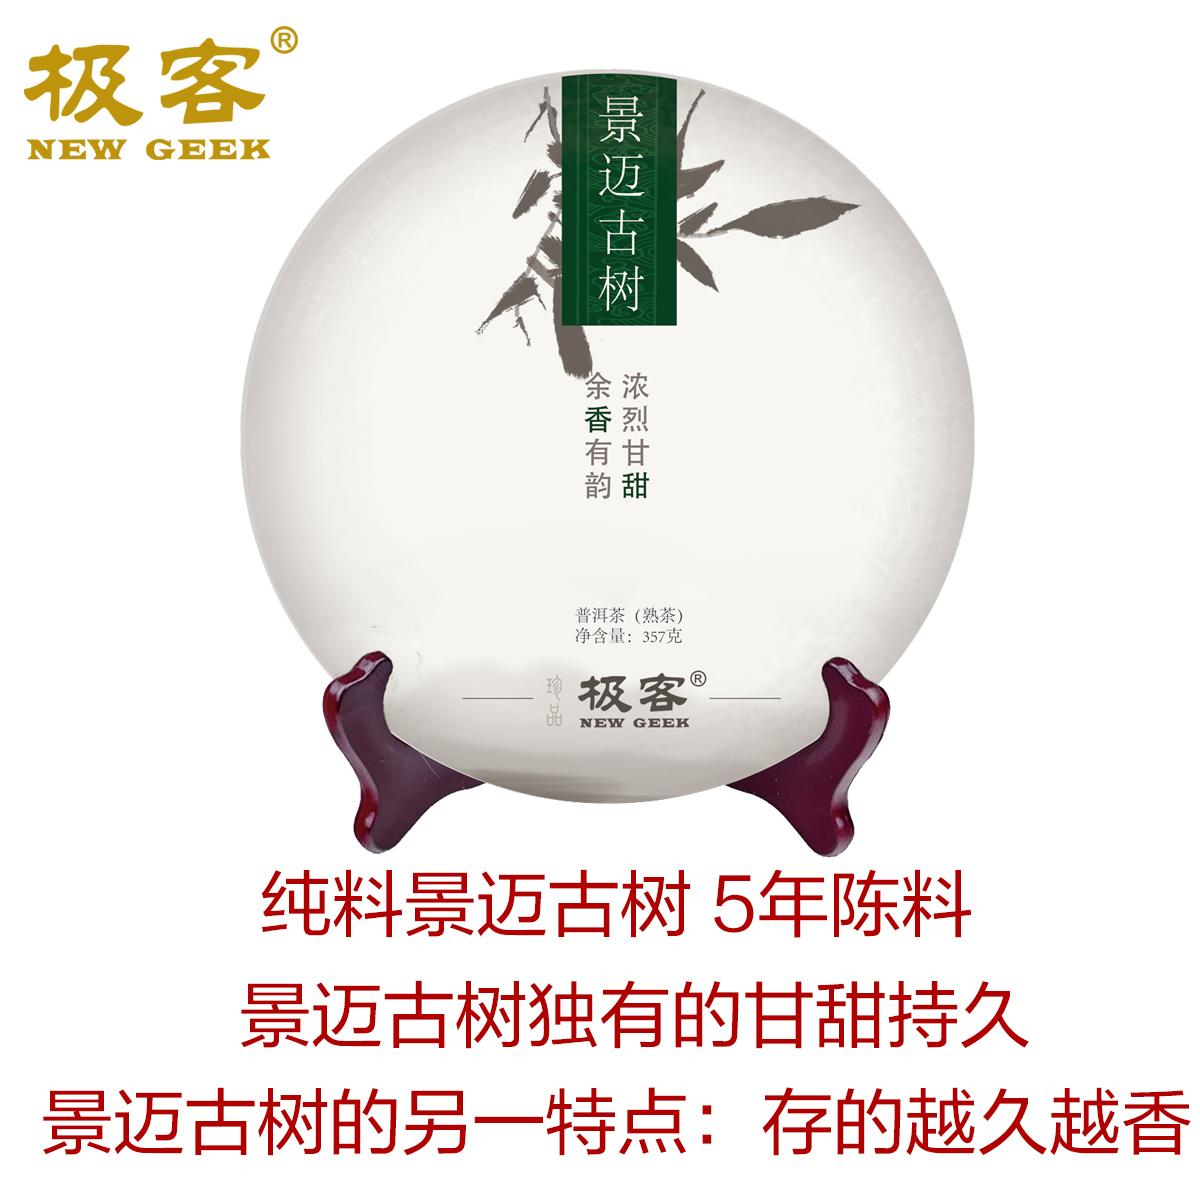 斤 5 饼 7 茶叶 云南七子饼 年 10 年 5 普洱茶熟茶饼 纯料景迈古树